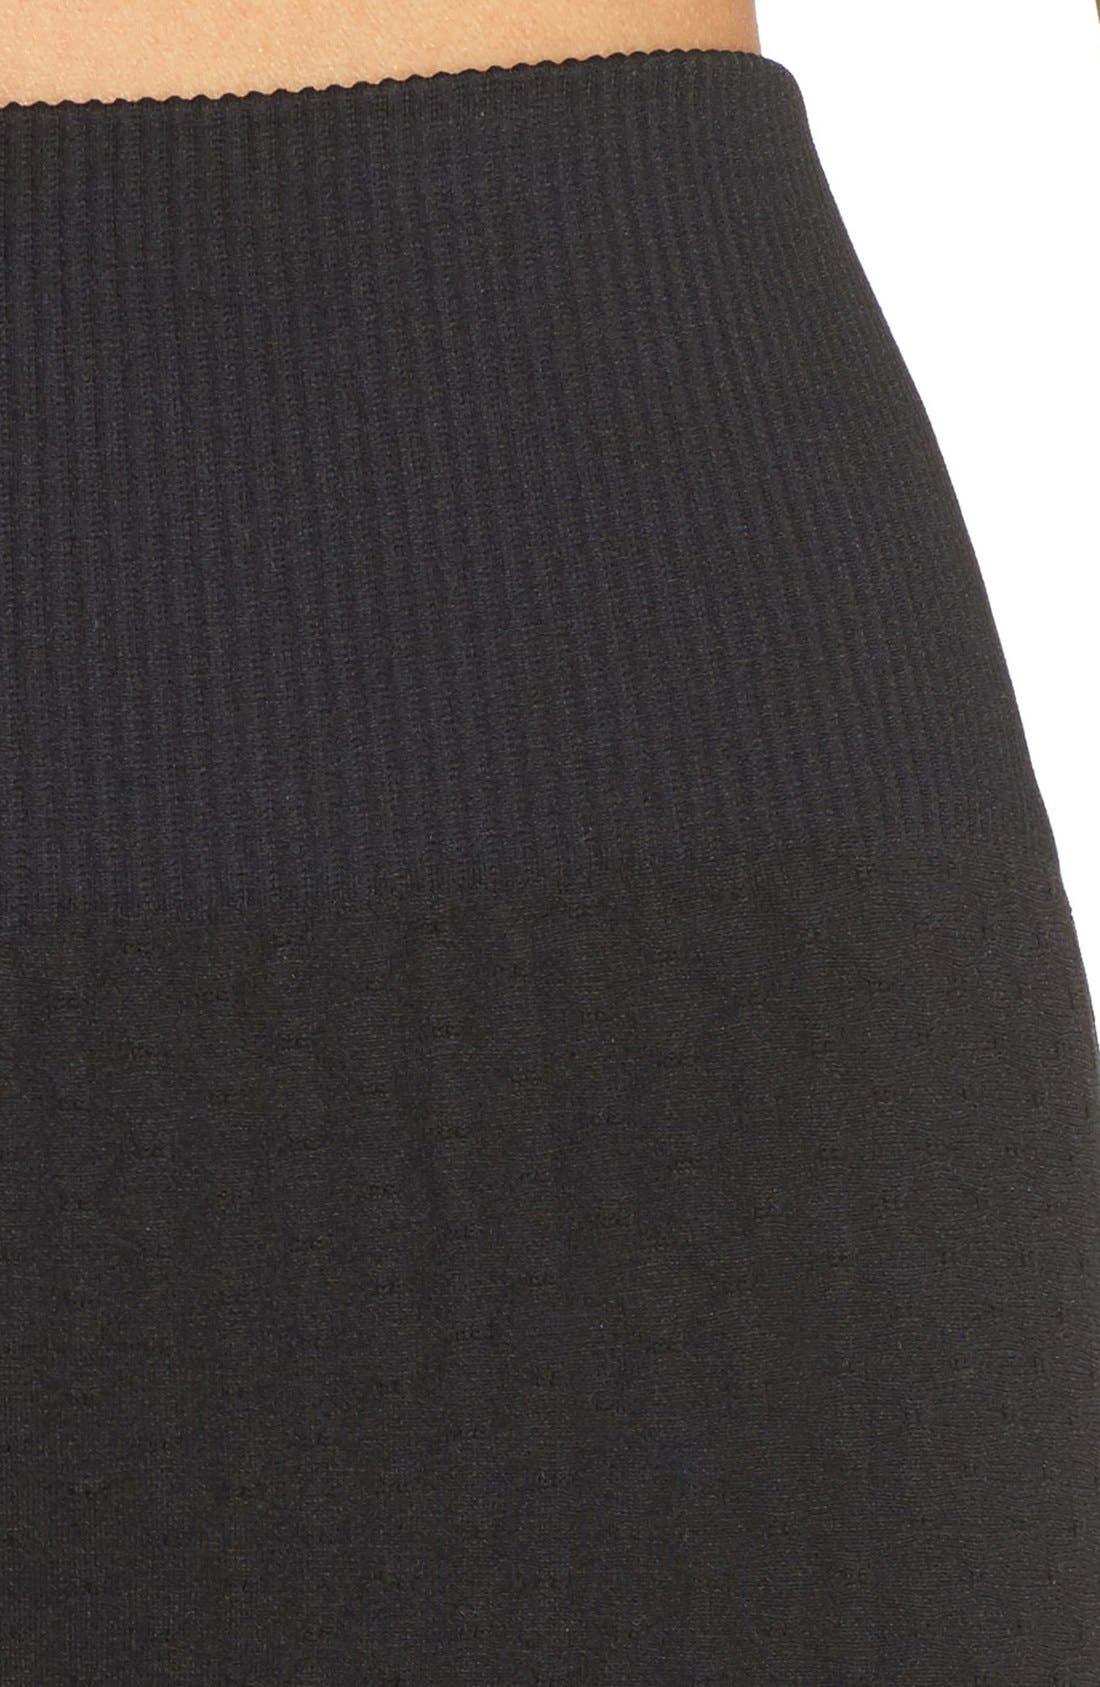 'Trail Blazer' High Waist Leggings,                             Alternate thumbnail 4, color,                             Black Melange